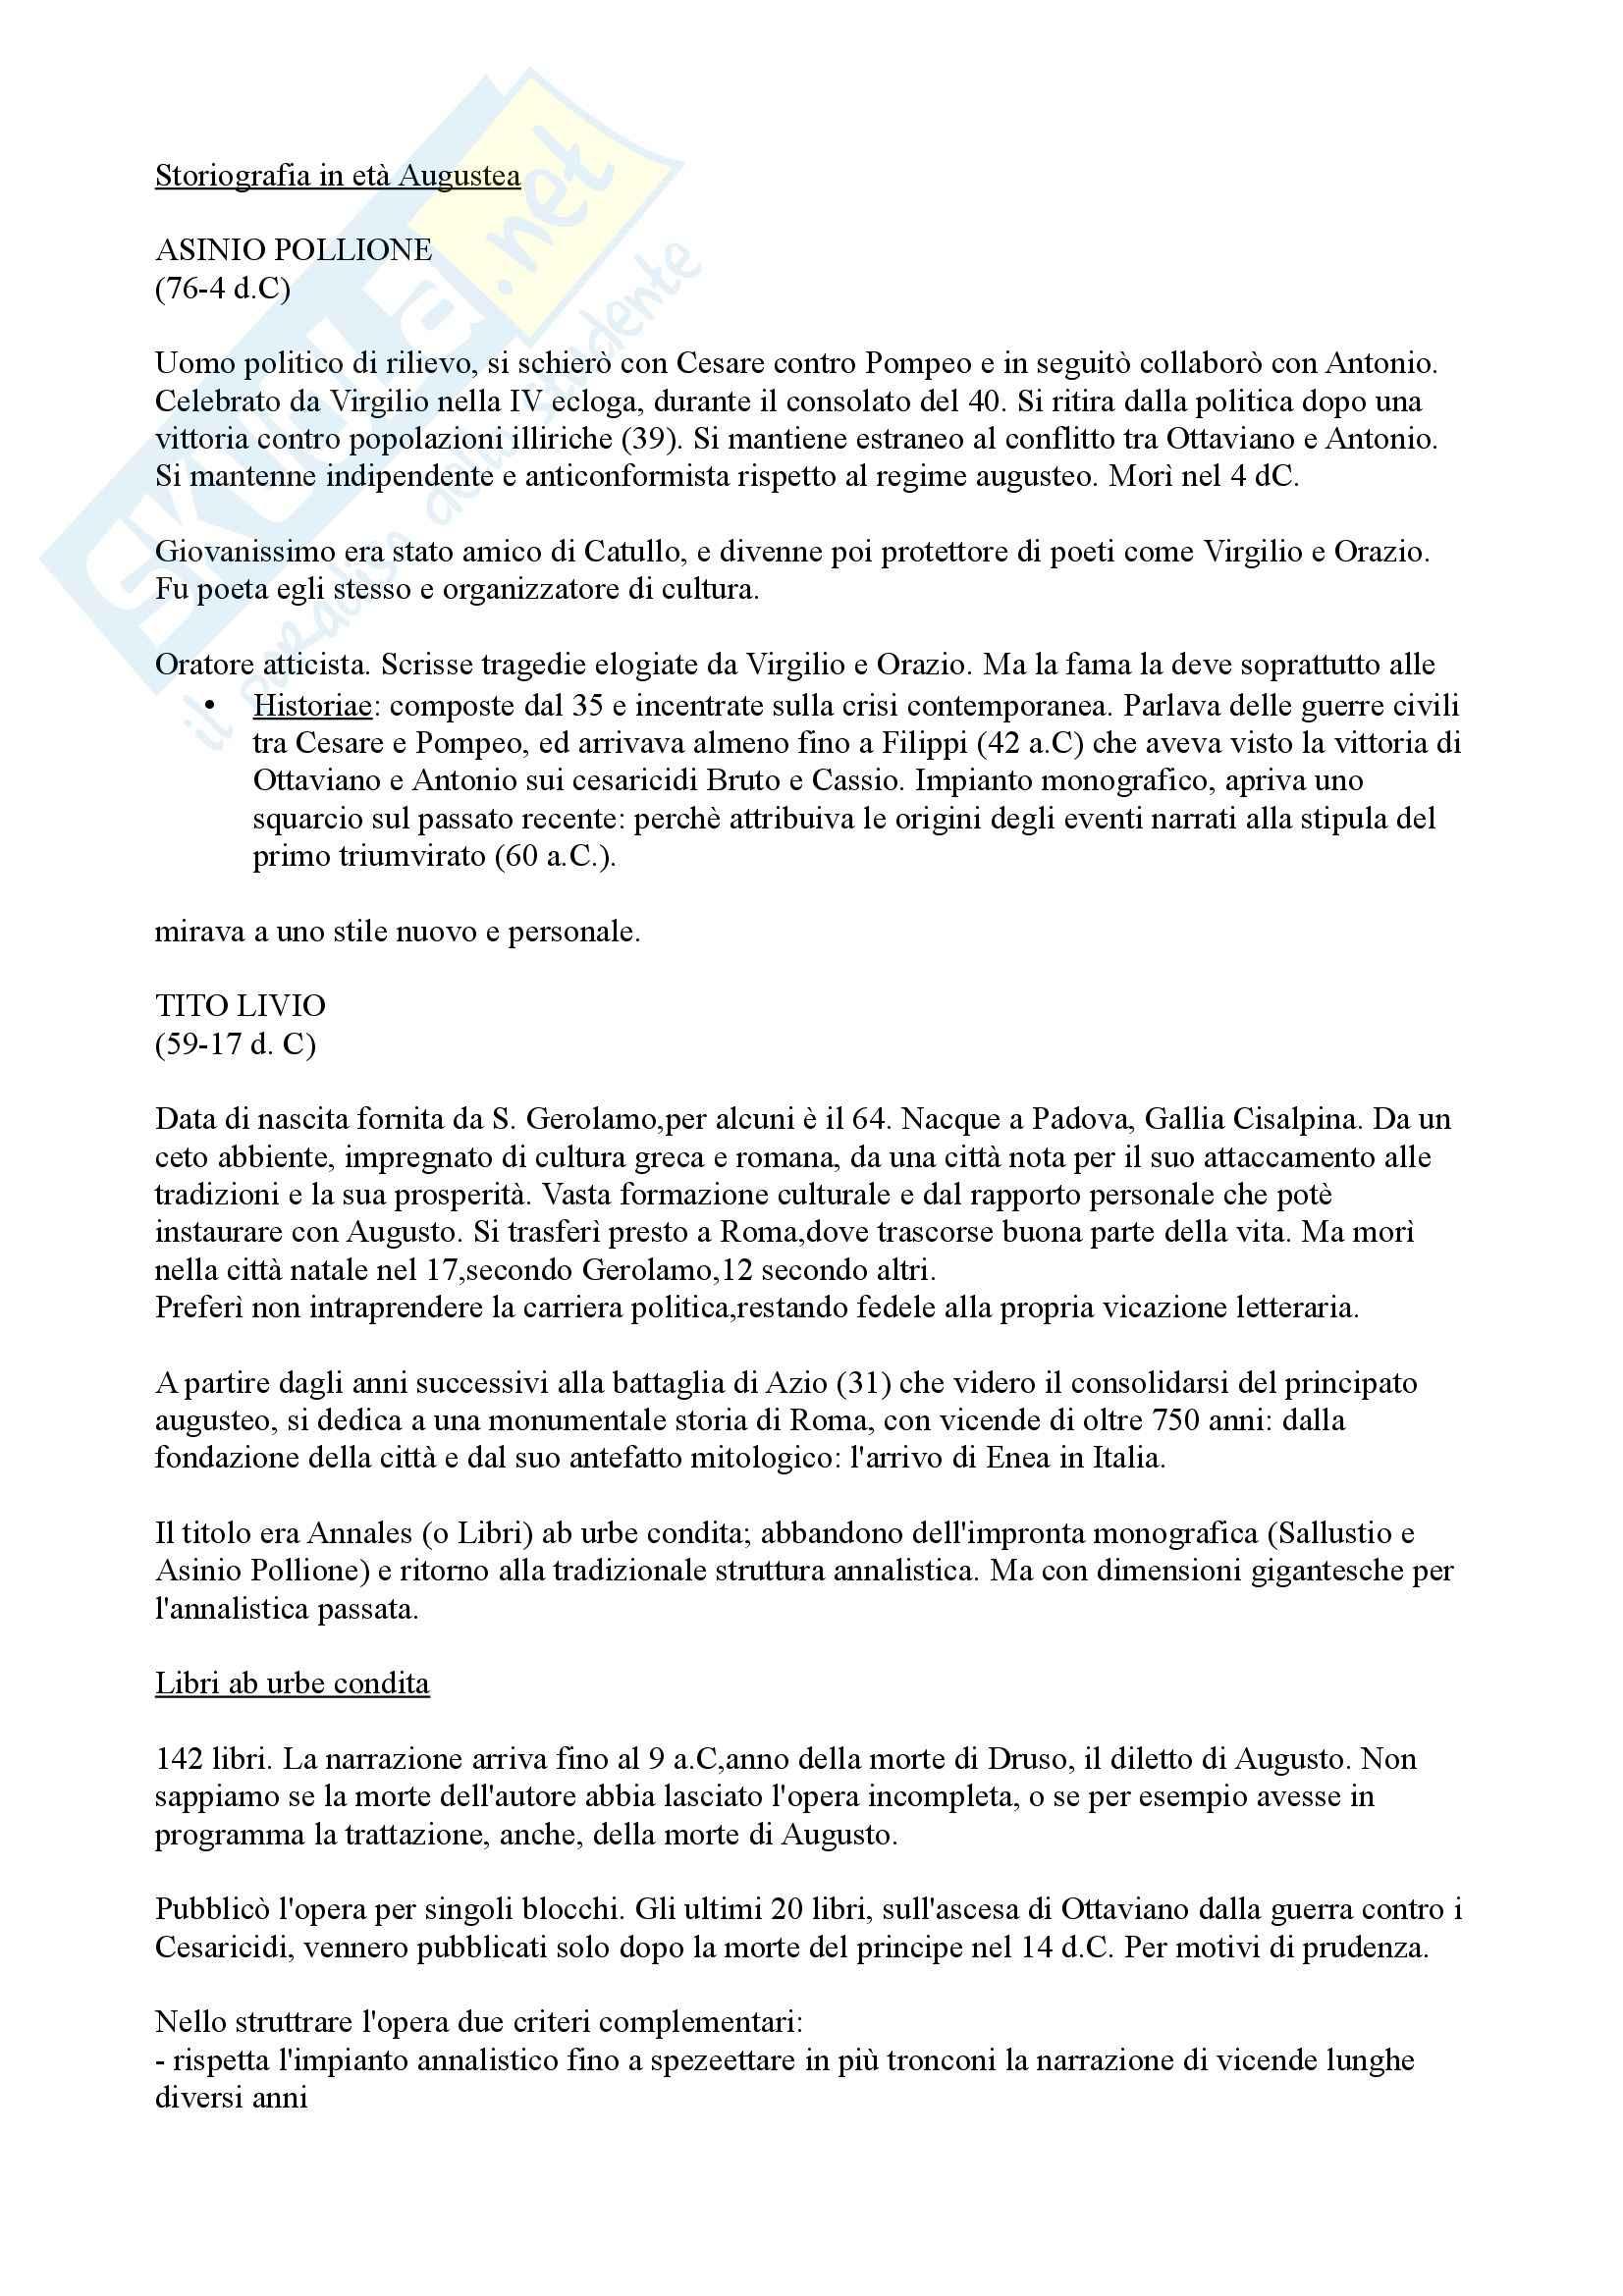 Letteratura latina - Storiografia in età augustea